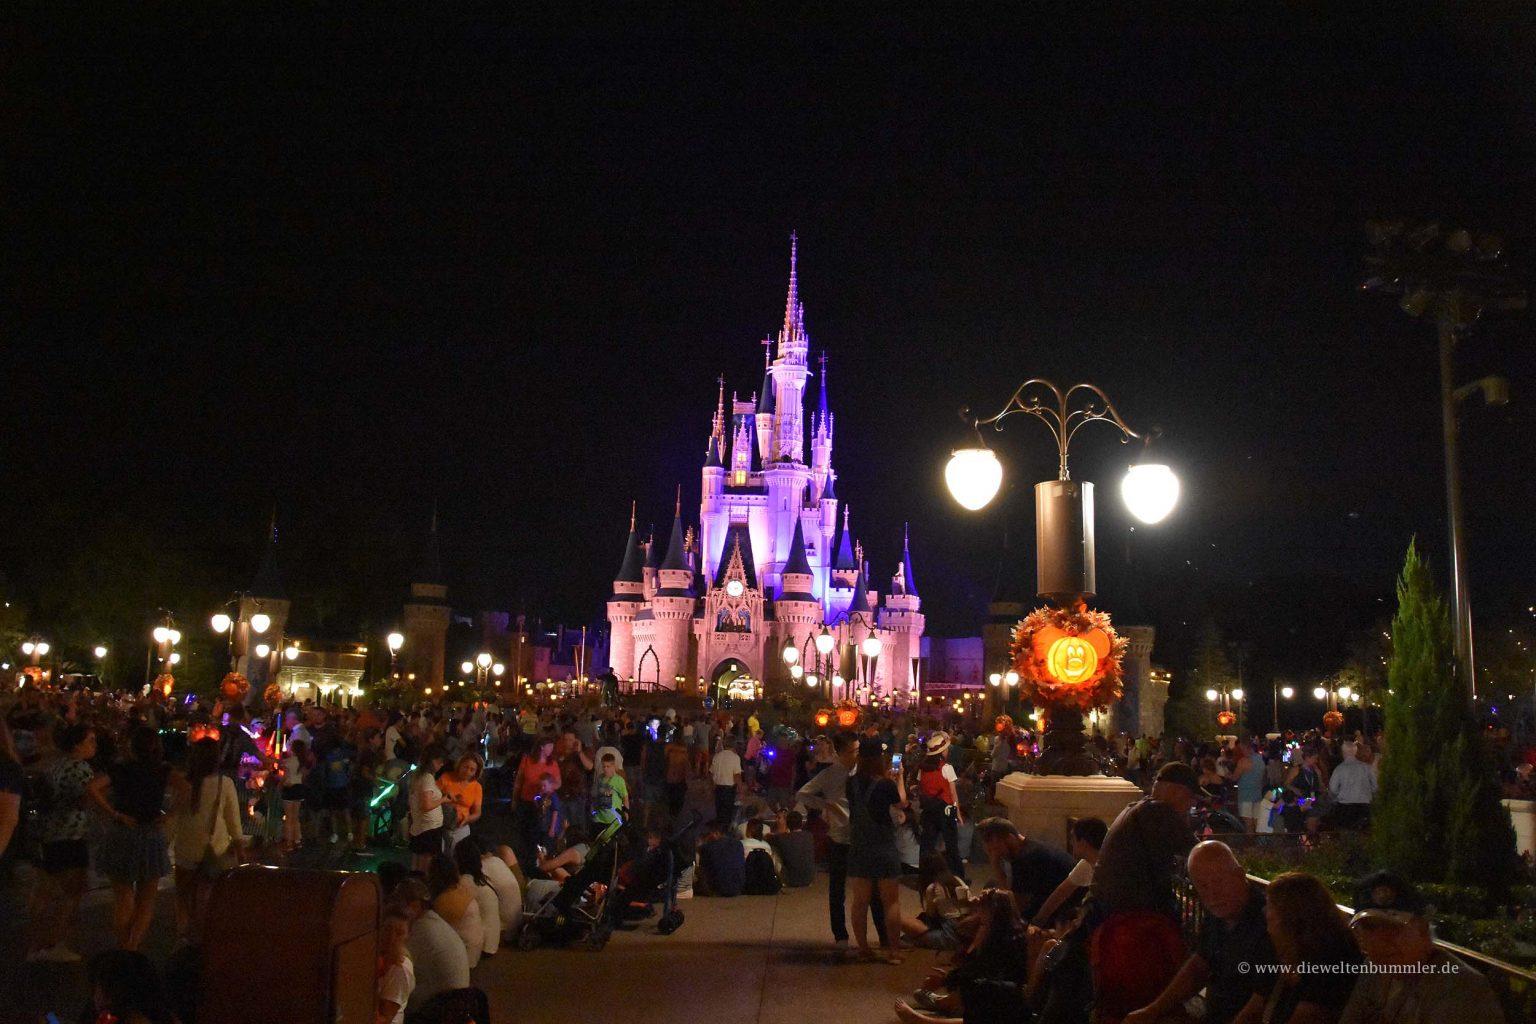 Cinderellaschloss in der Nacht